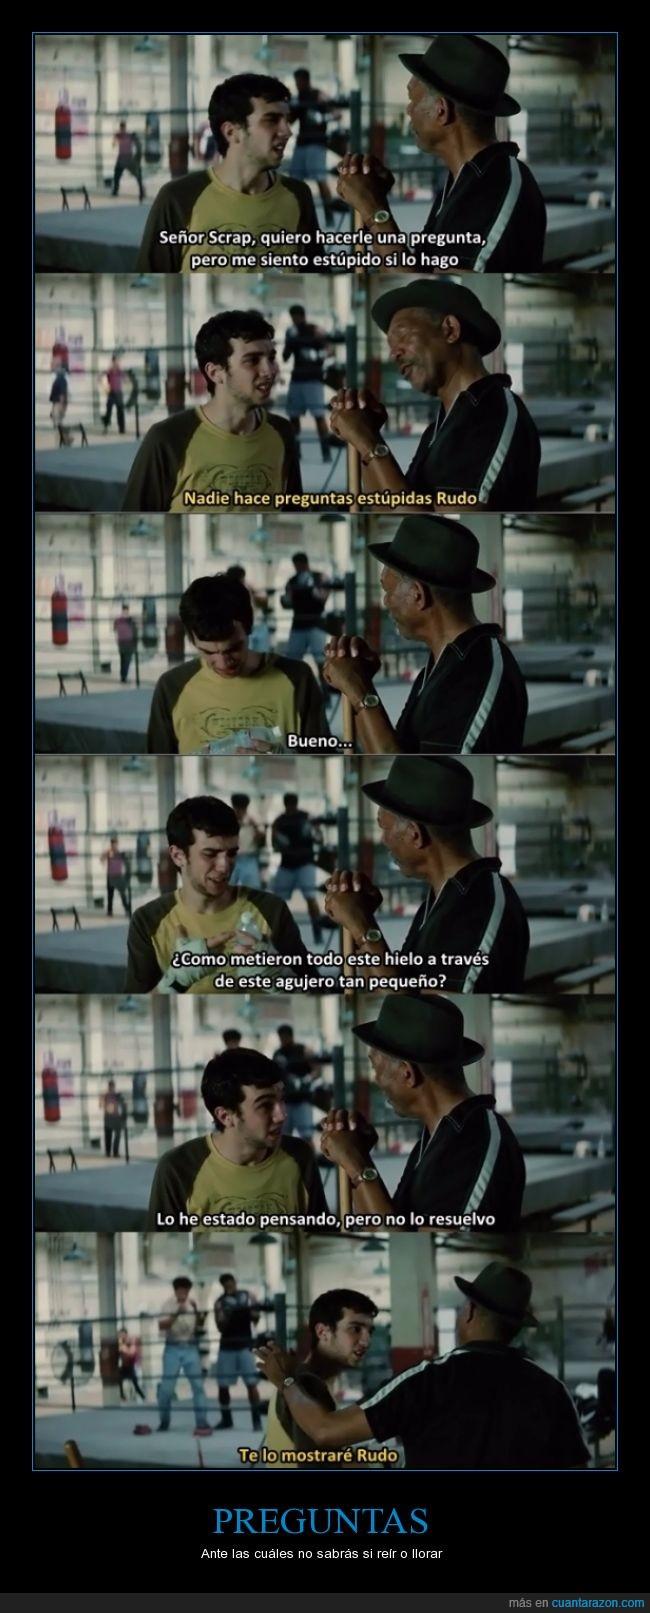 2004,el Óscar de Freeman,Golpes del Destino,gran pelicula,Million Dollar Baby,preguntas estúpidas,Rudo,Scrap,si que existen...